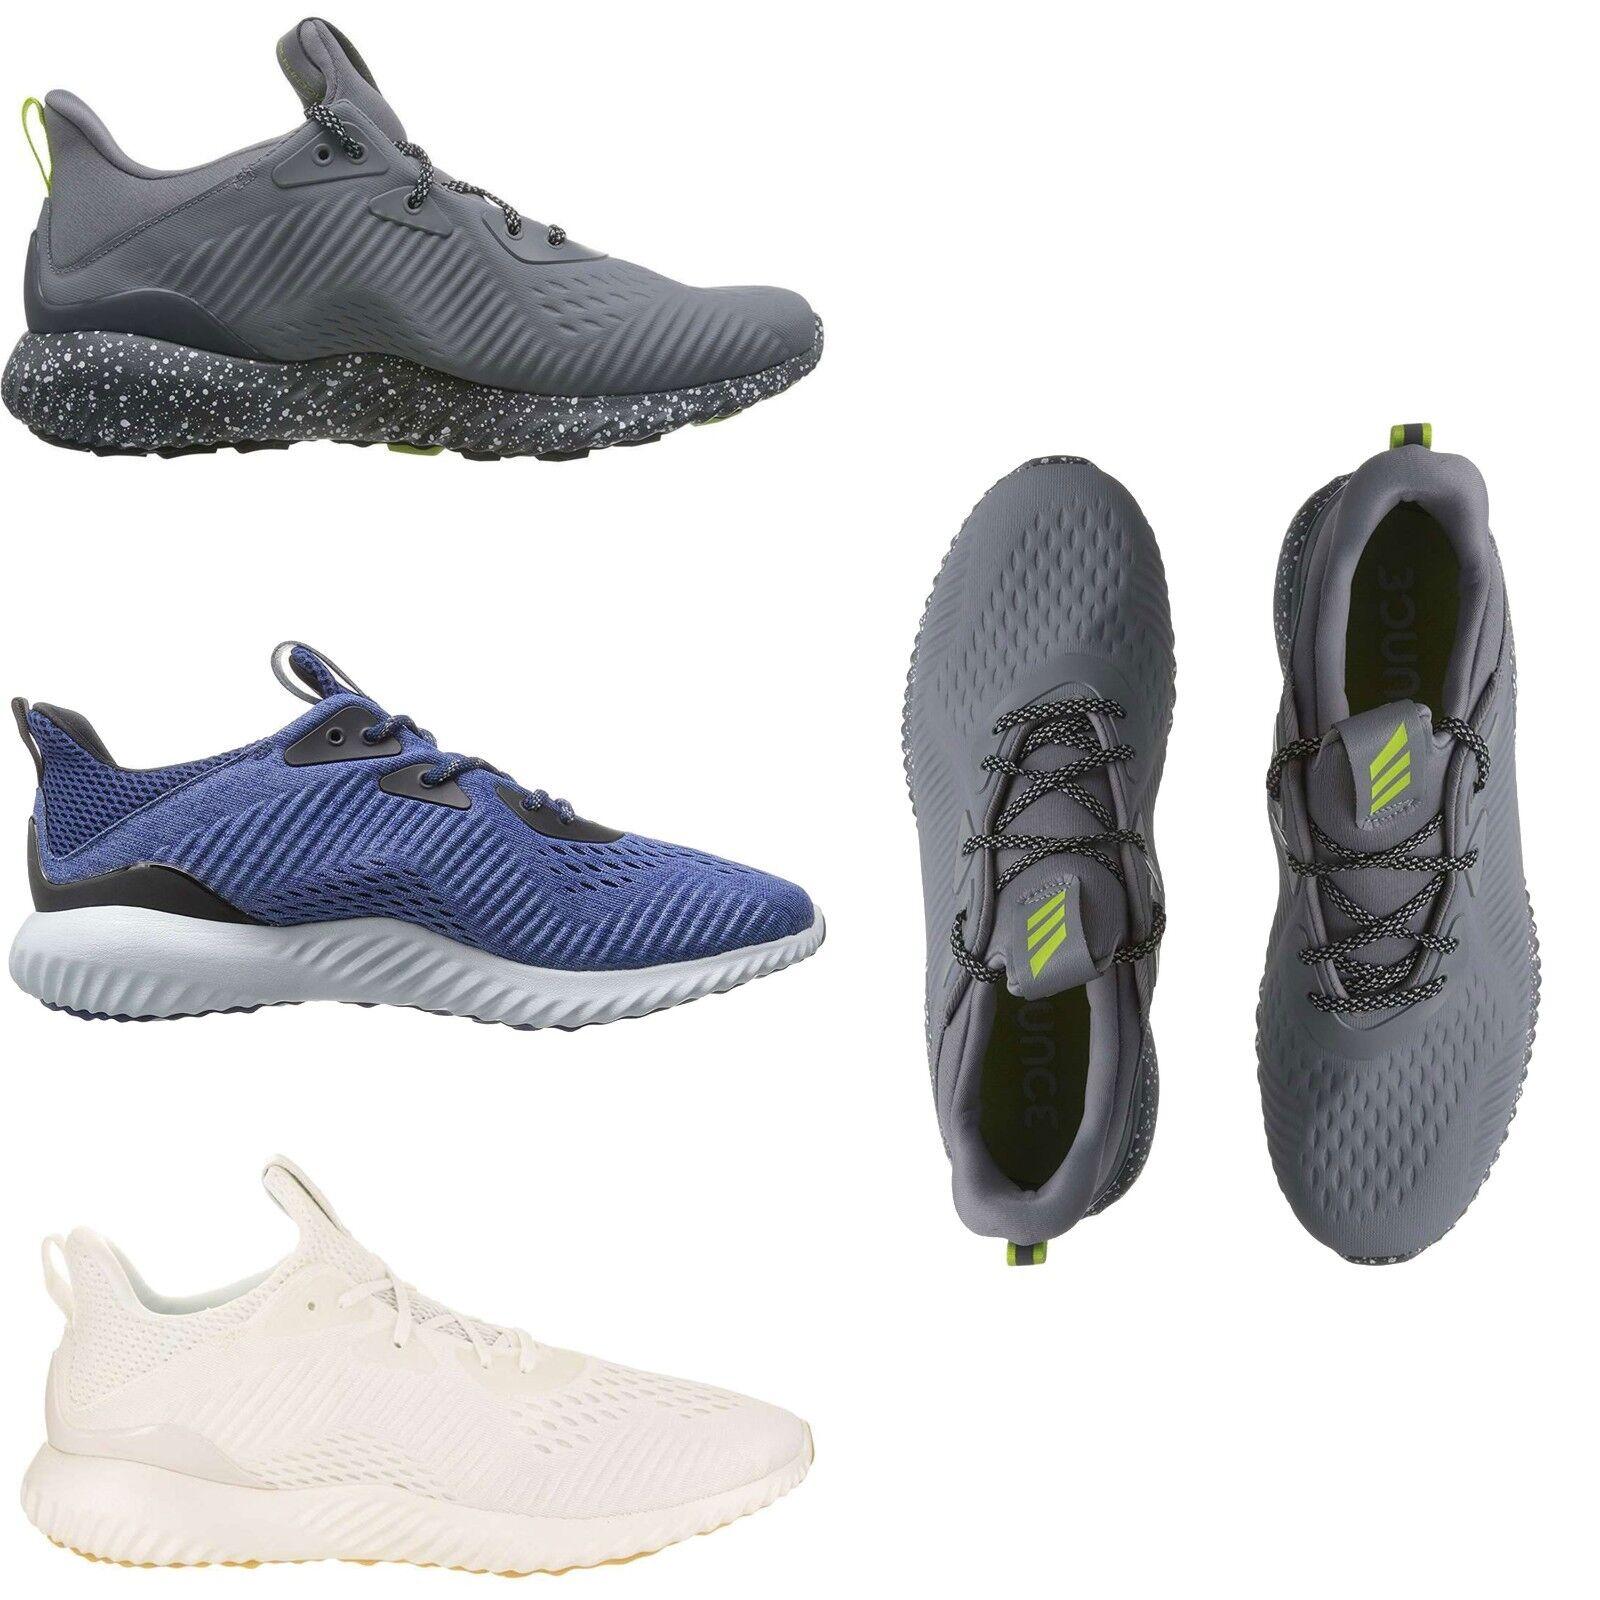 adidas készítette: stella mccartney ultraboost x shoes